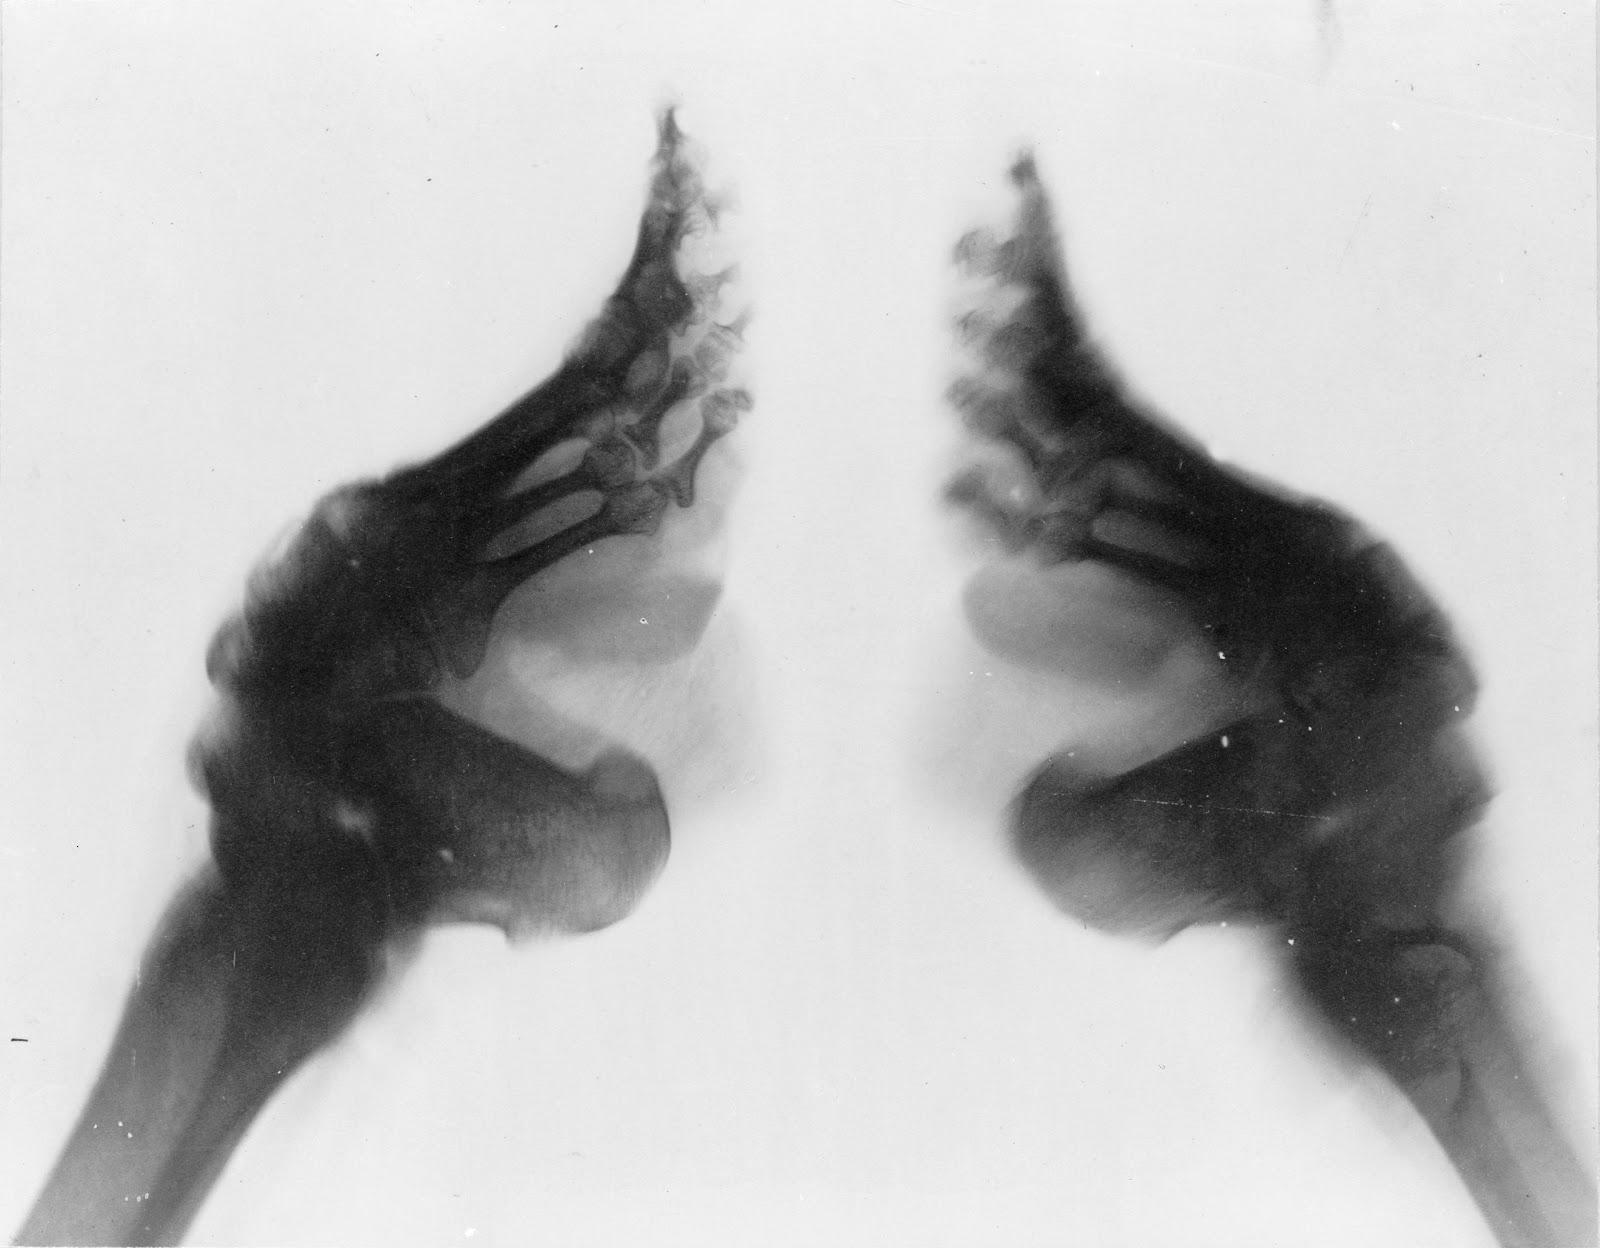 Просмотреть feet challenge рассказы 1 фотография